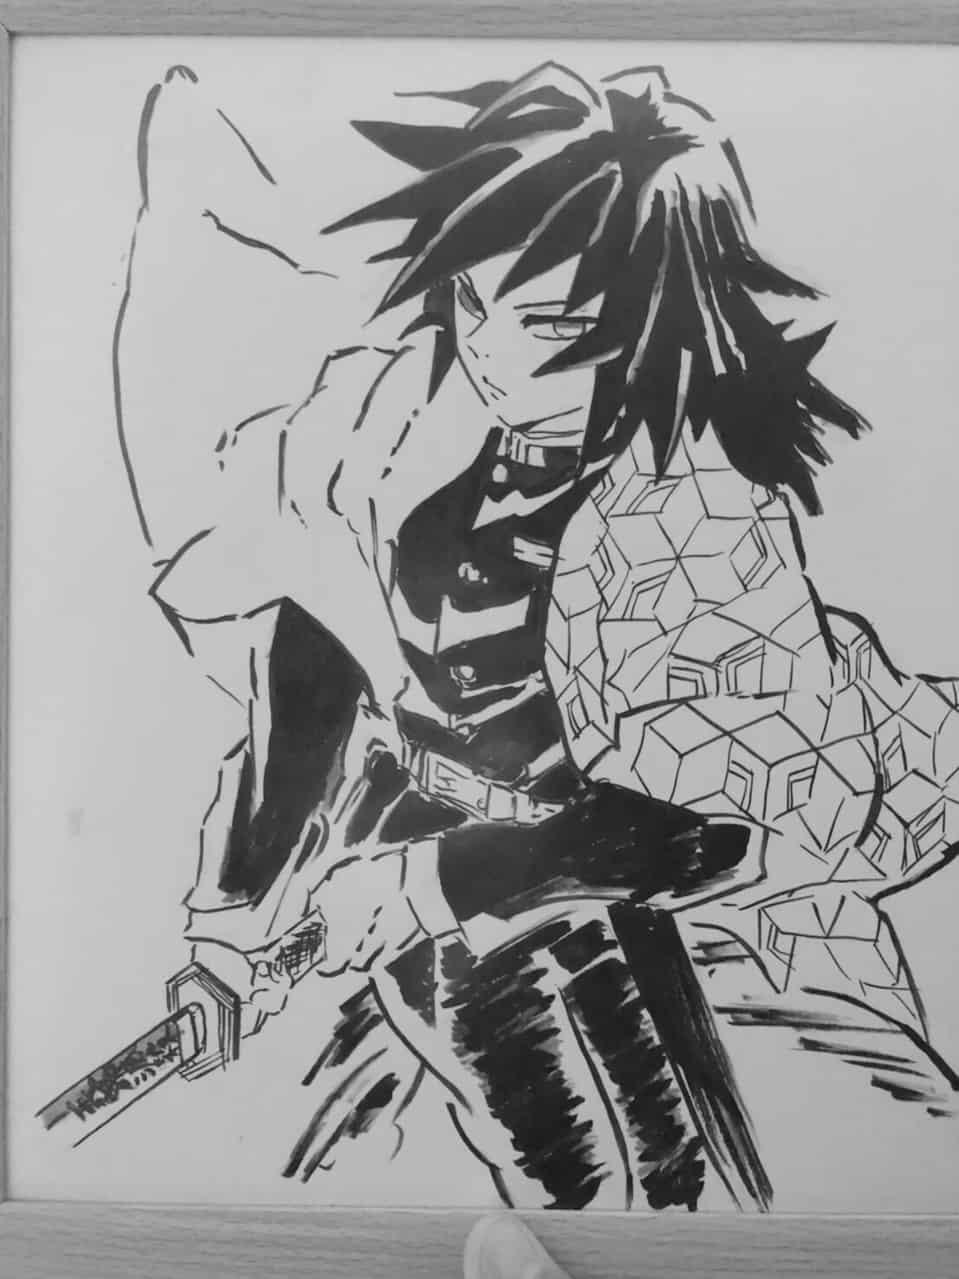 鬼滅の刃イラストコンテスト   筆ペン Illust of もっち DemonSlayerFanartContest 水柱 KimetsunoYaiba TomiokaGiyuu 俺は嫌われてない